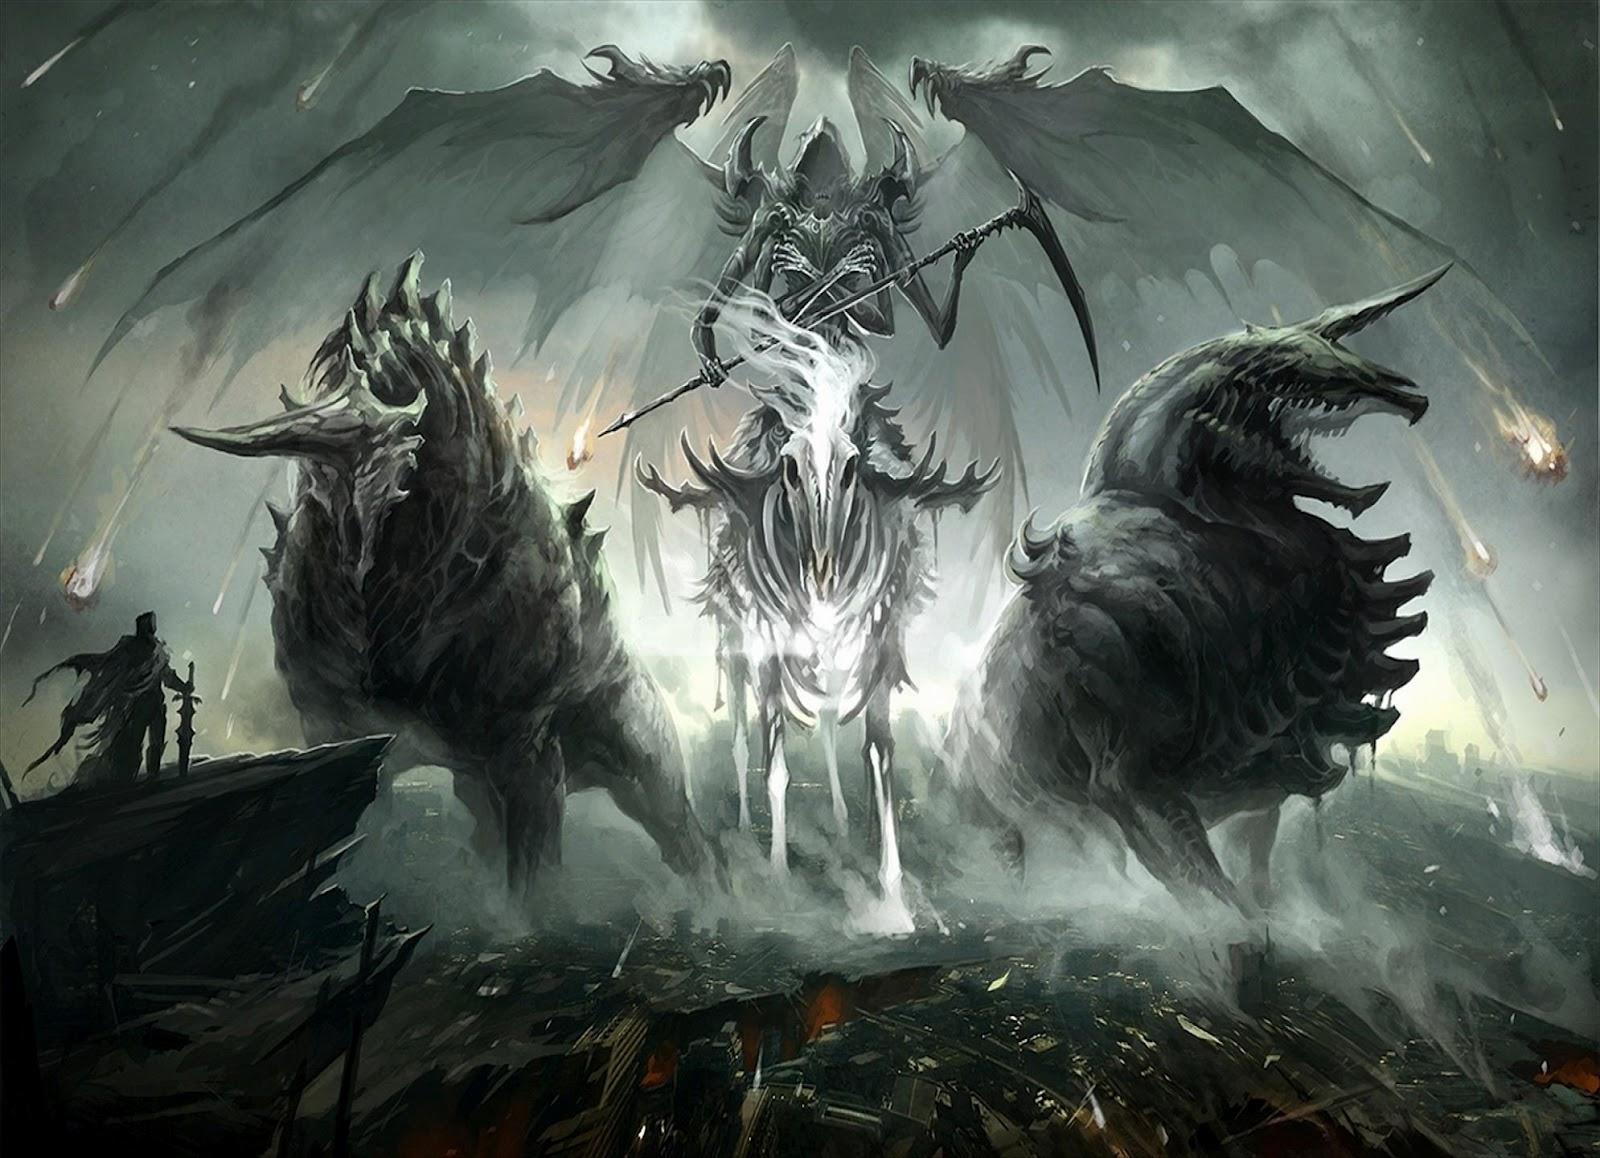 Digital HD Wallpapers Dark Fantasy Horror 1600x1158